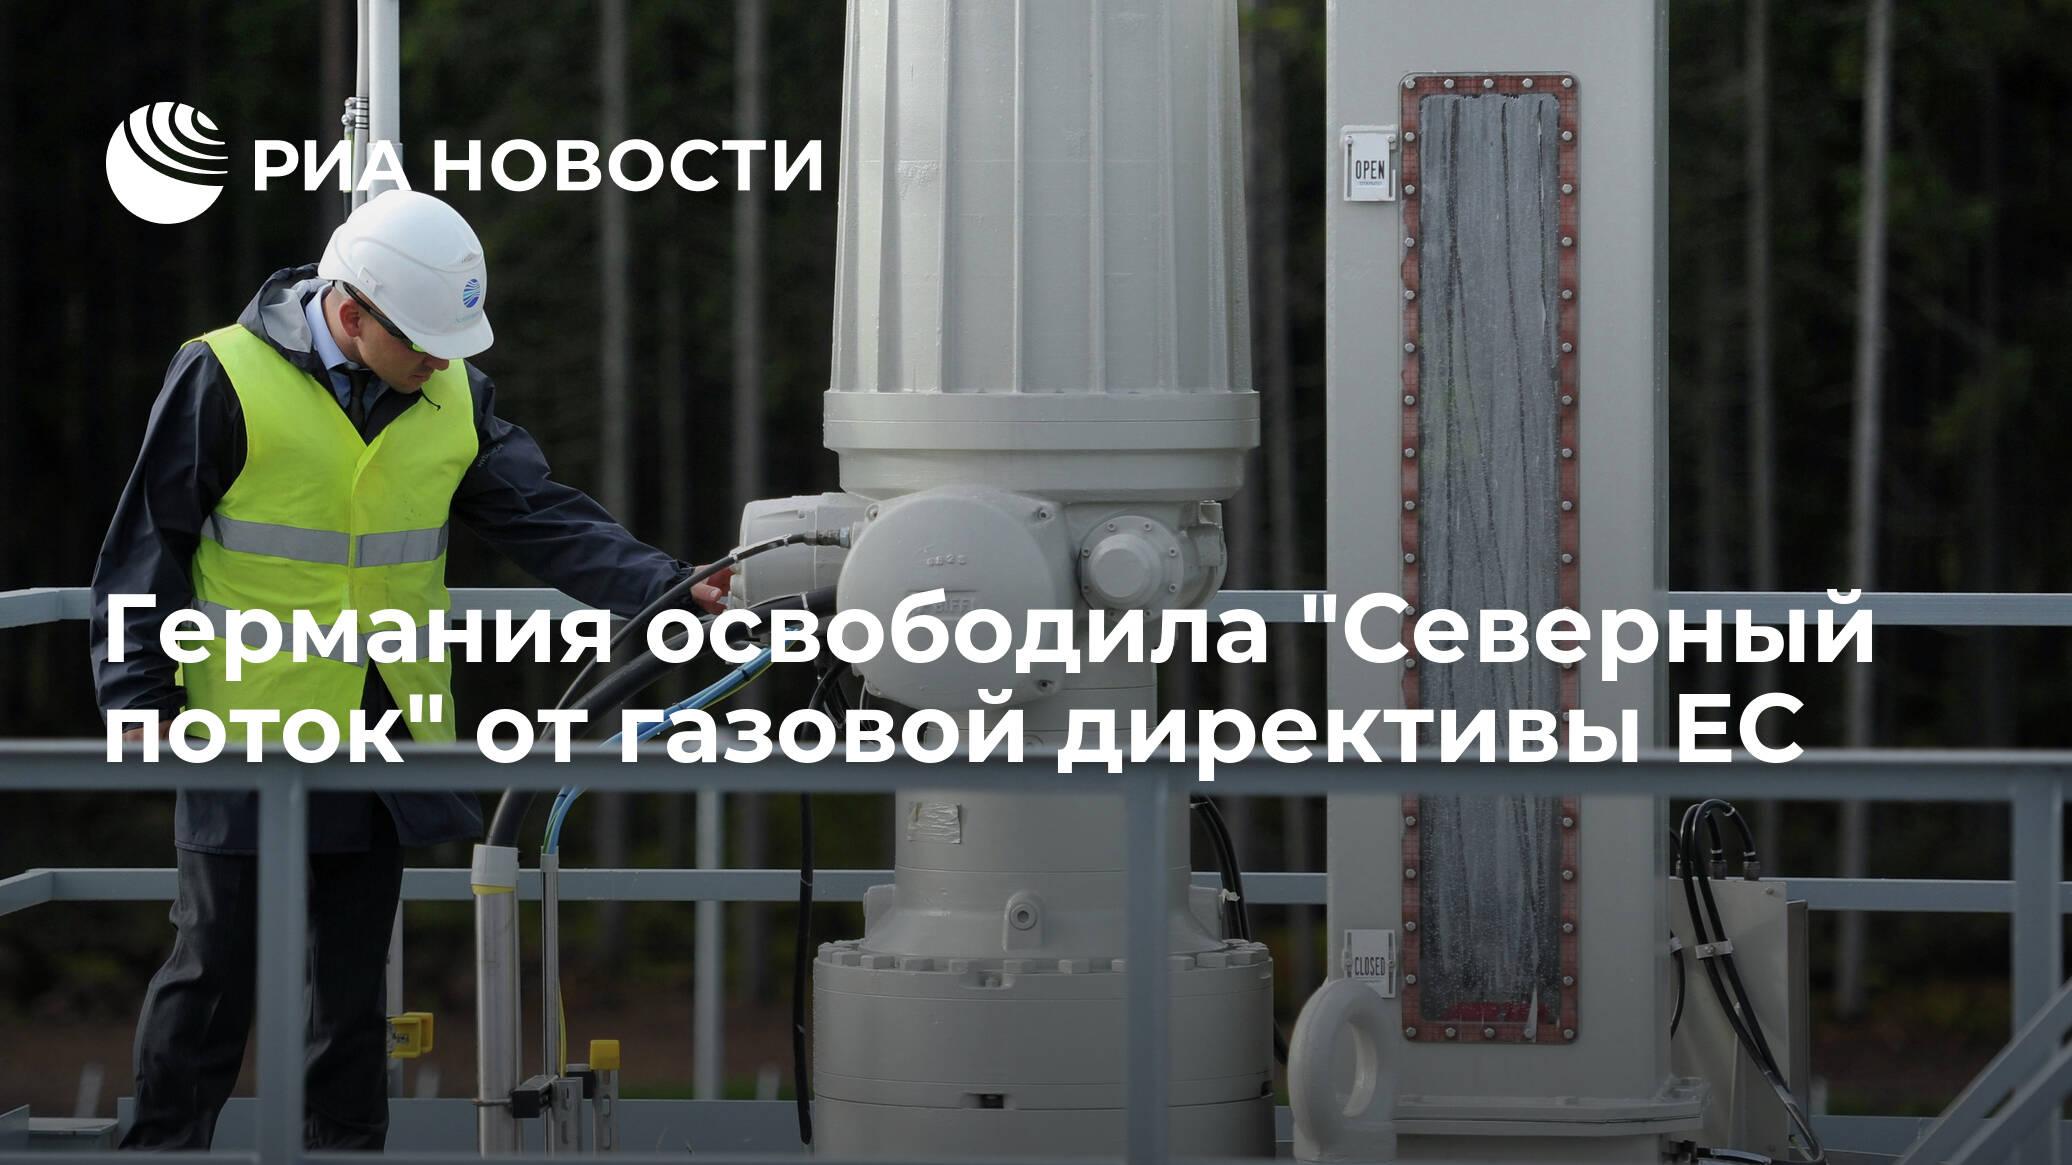 Немецкий регулятор освободил 'Северный поток' от газовой директивы - РИА НОВОСТИ